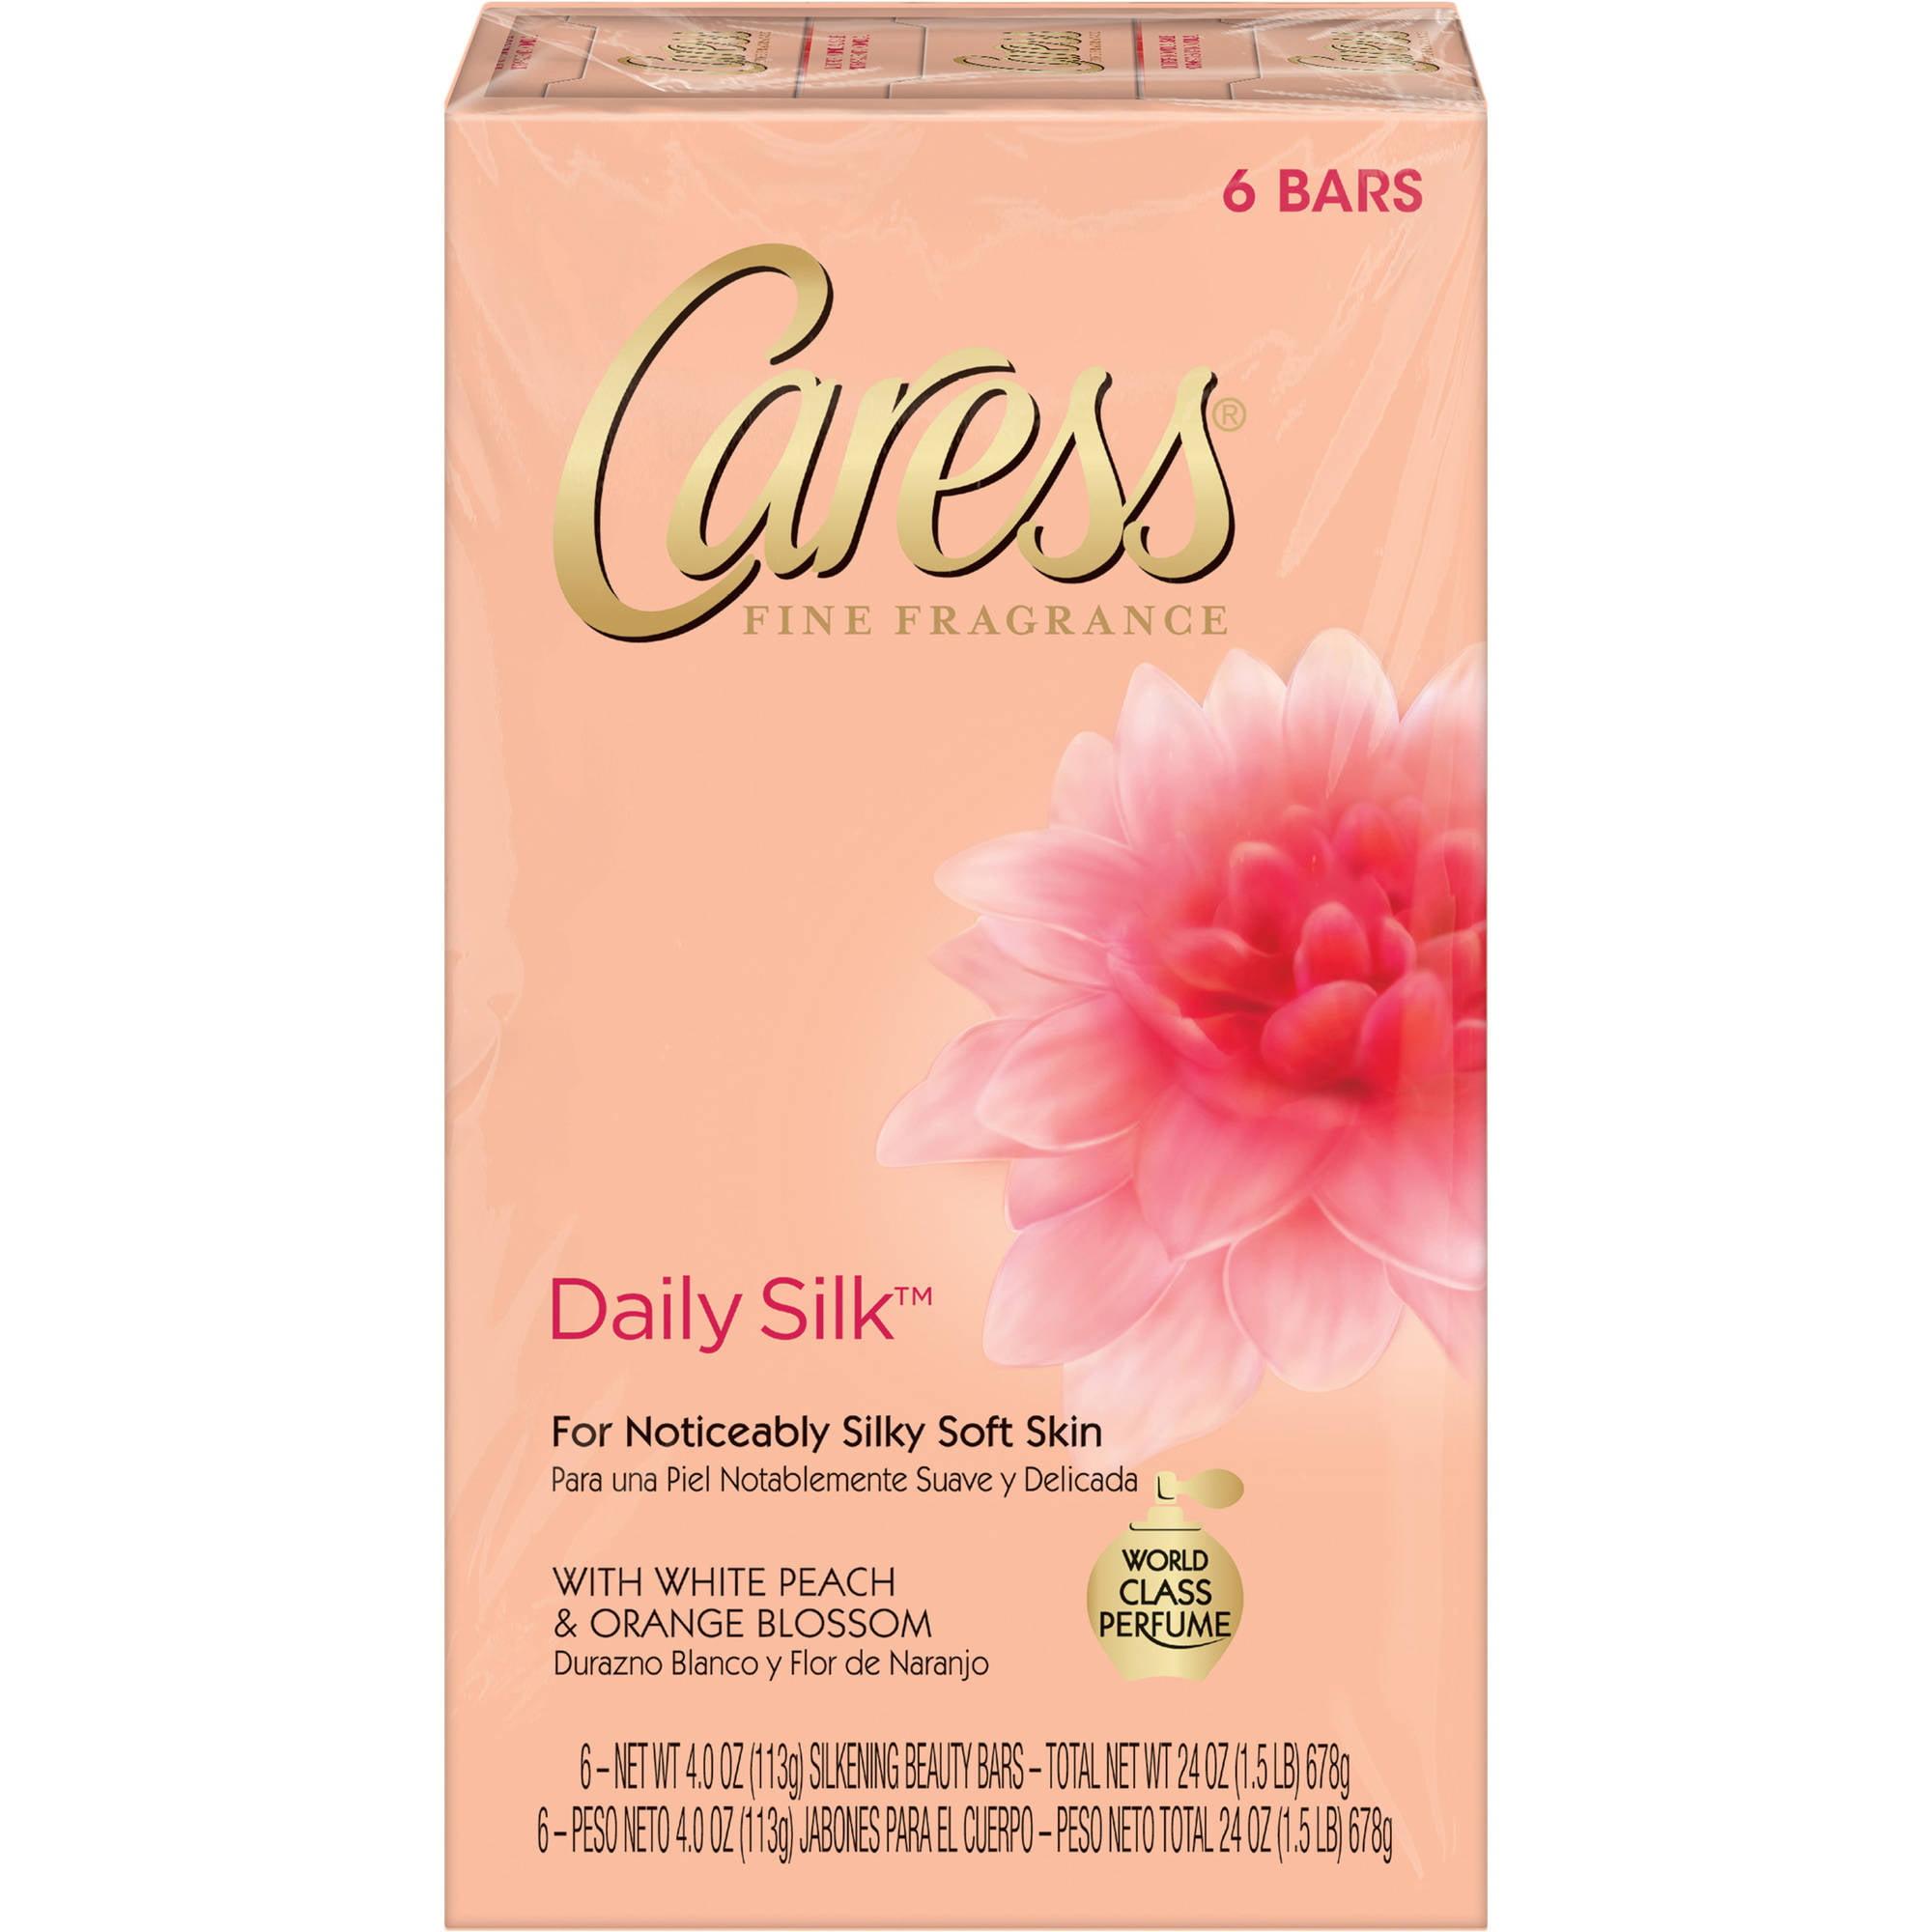 Caress Daily Silk Beauty Bar, 4 oz, 6 Bar